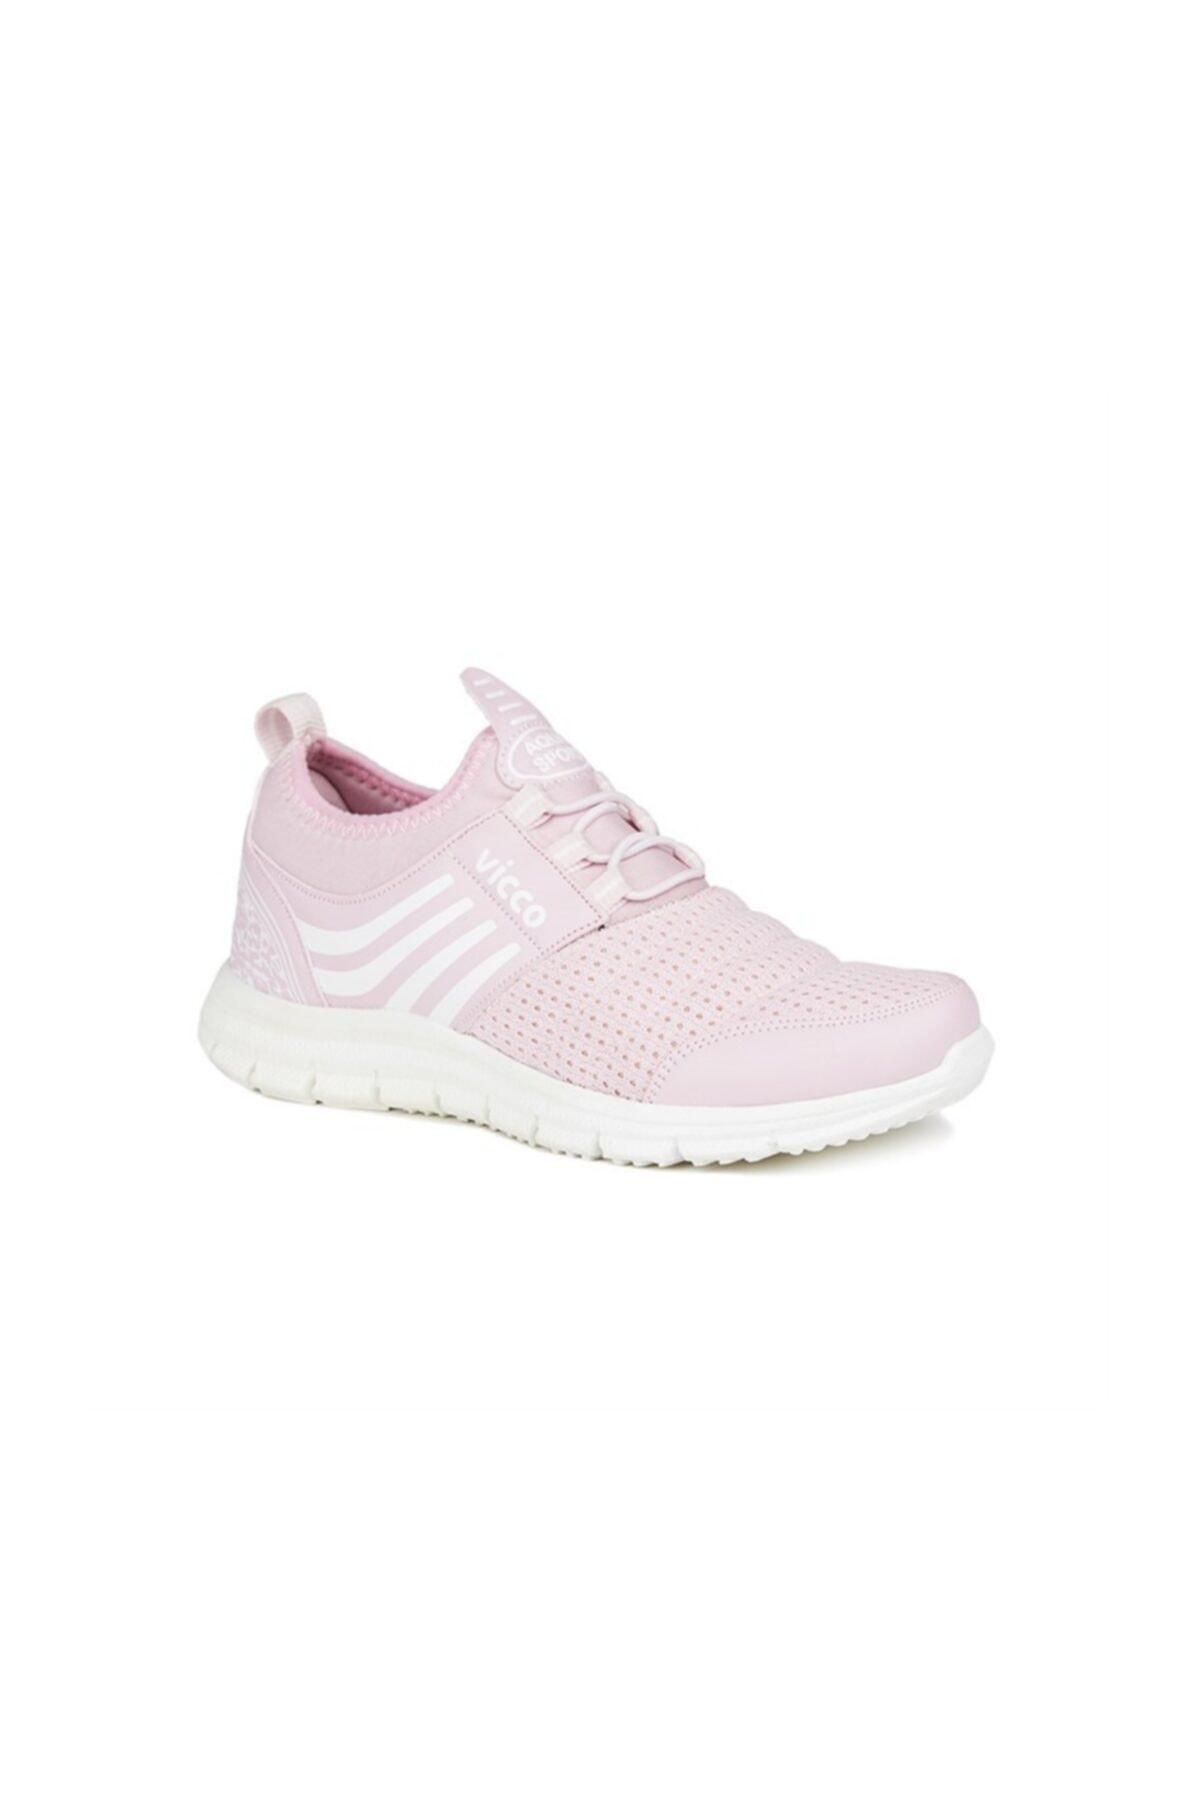 Vicco Aqua Spor Ayakkabı Pembe 1